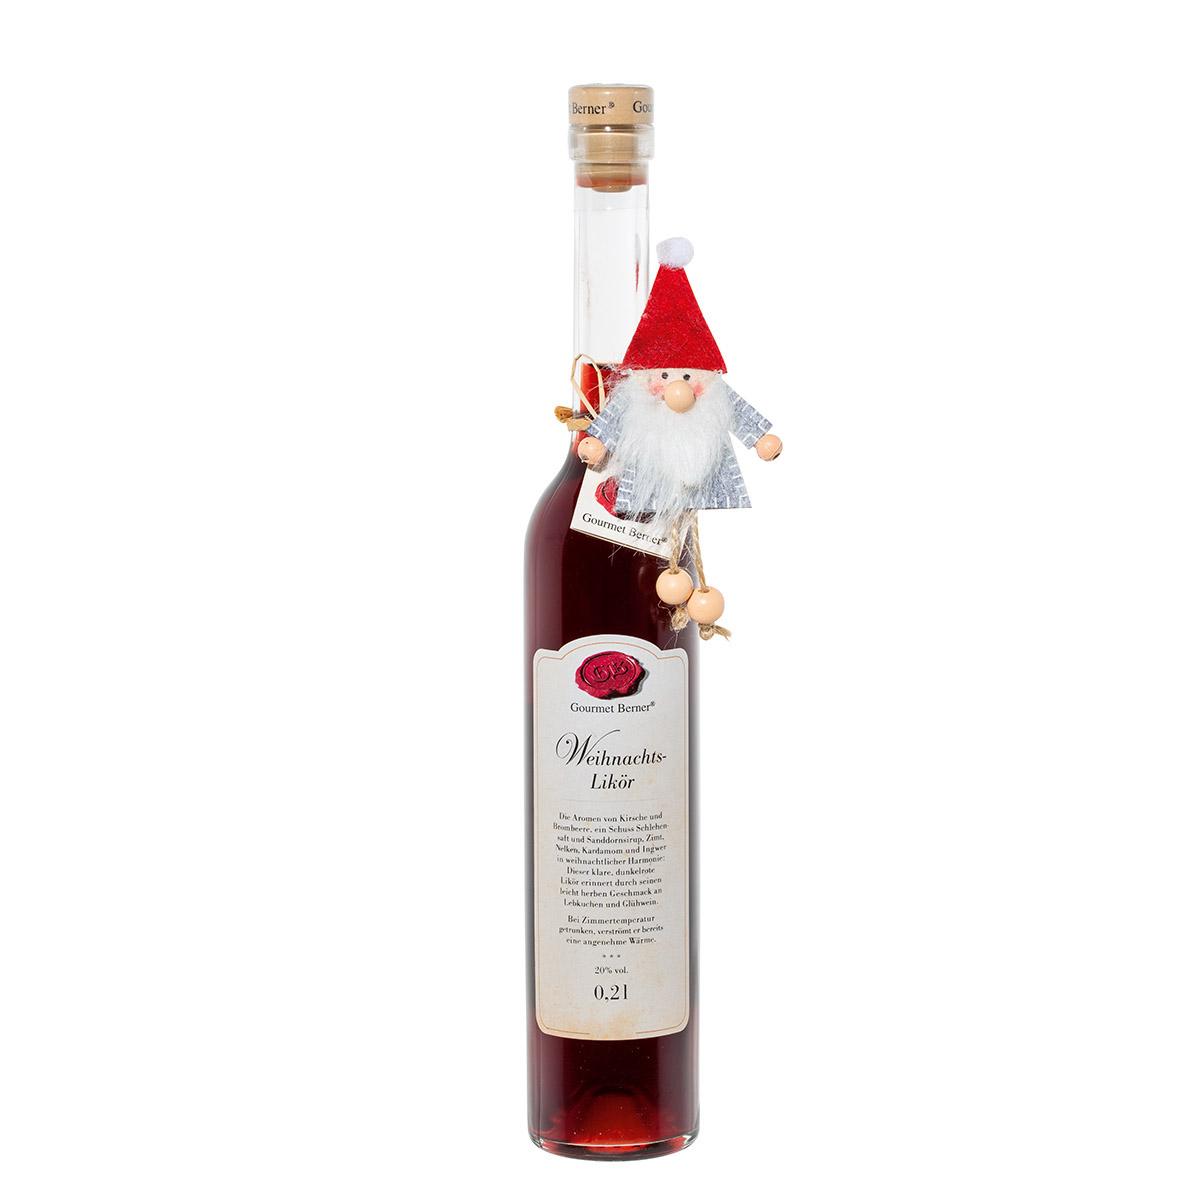 Weihnachtslikör mit Wichtelklammer -  20% vol. - 0,2l - Gourmet Berner (Xmas)